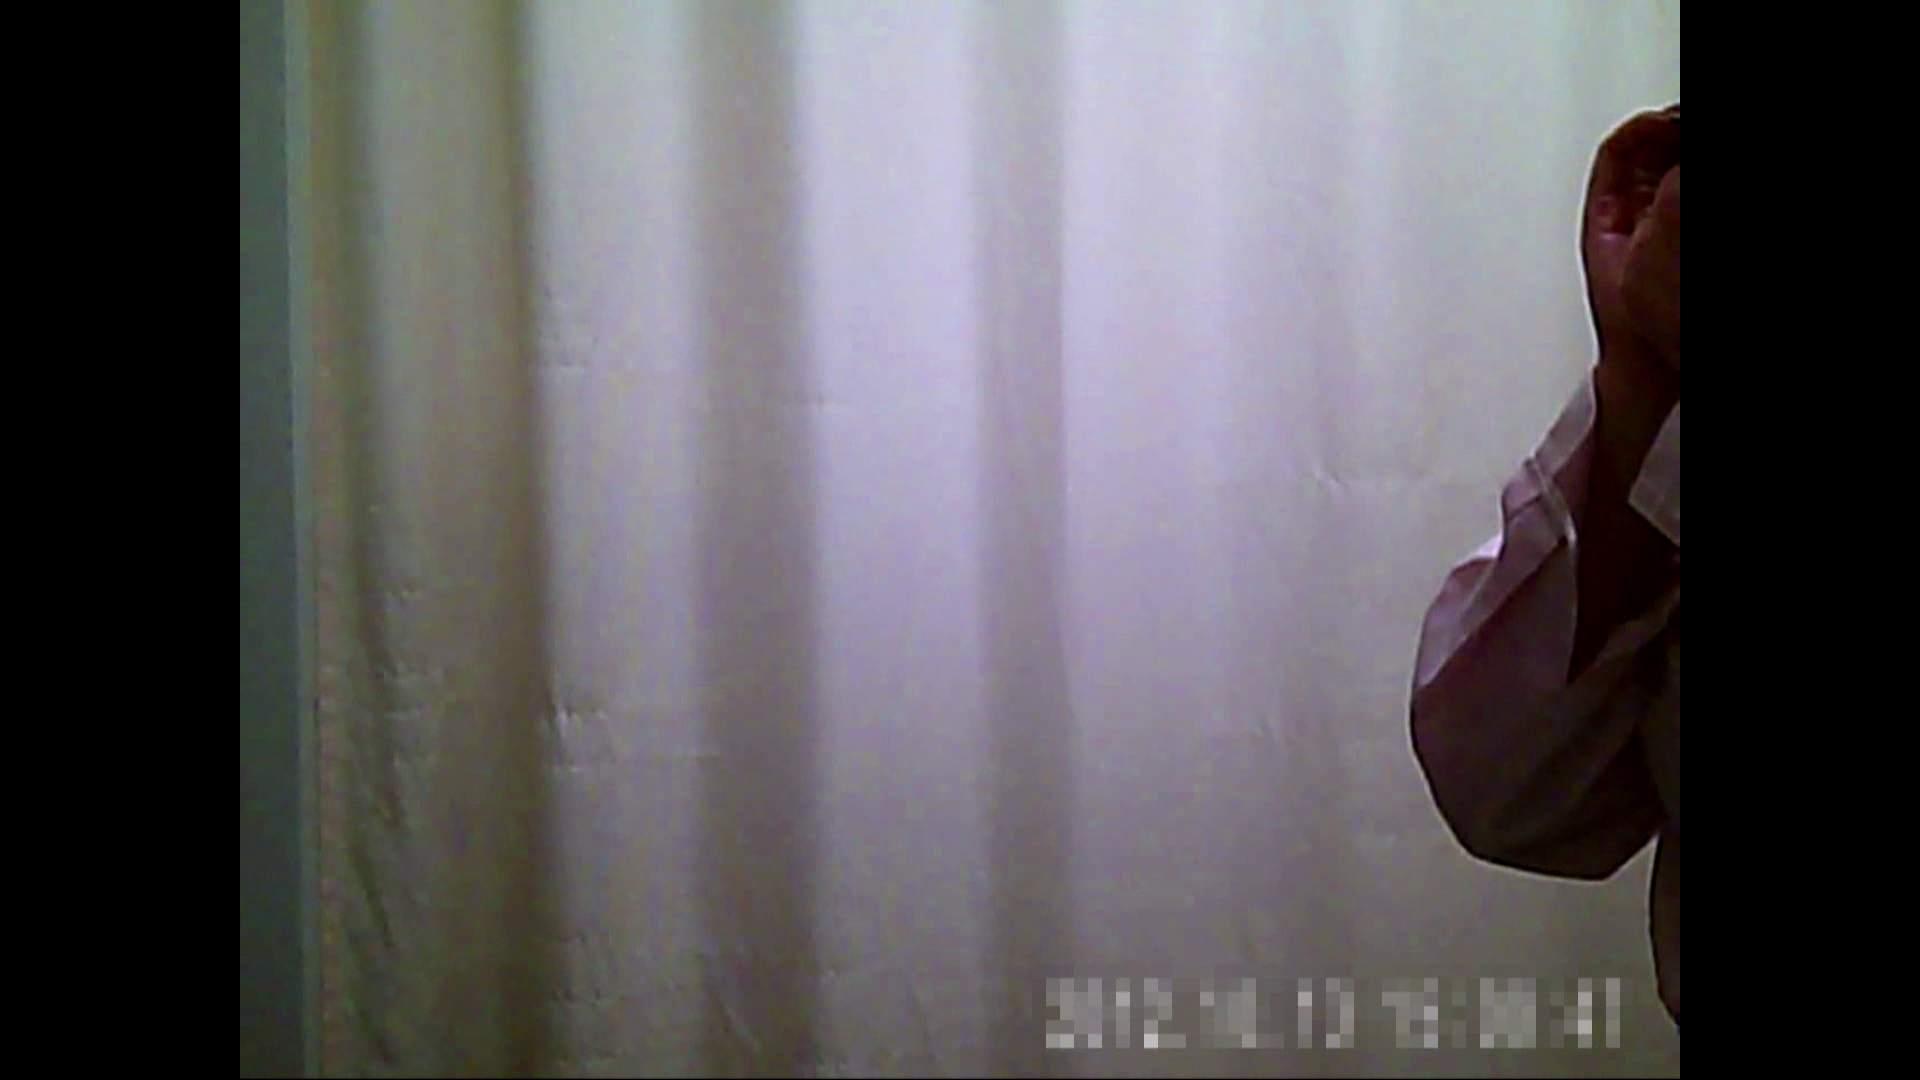 元医者による反抗 更衣室地獄絵巻 vol.059 OLハメ撮り  95Pix 69